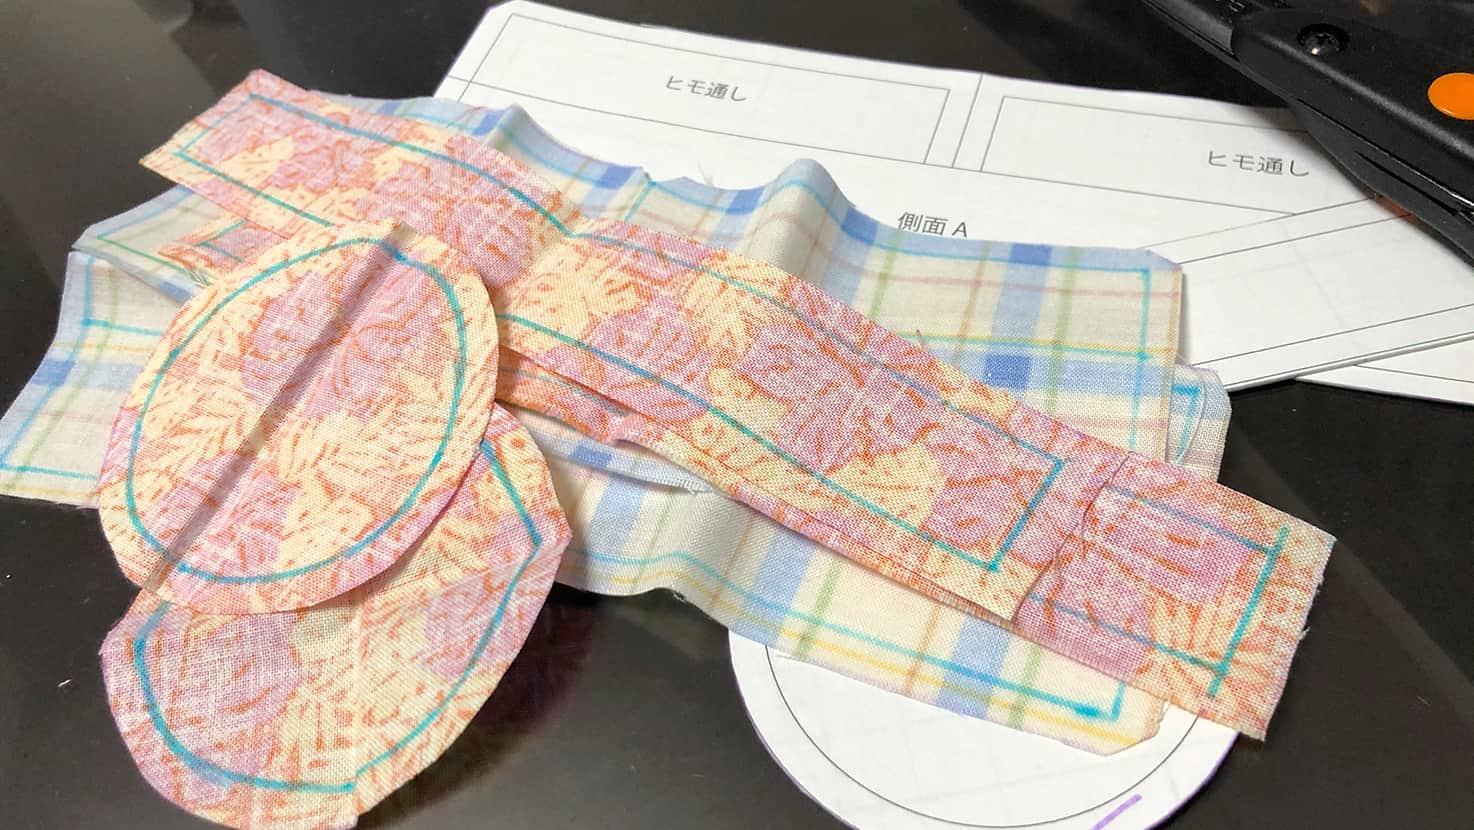 型紙に沿って布地をカットした図